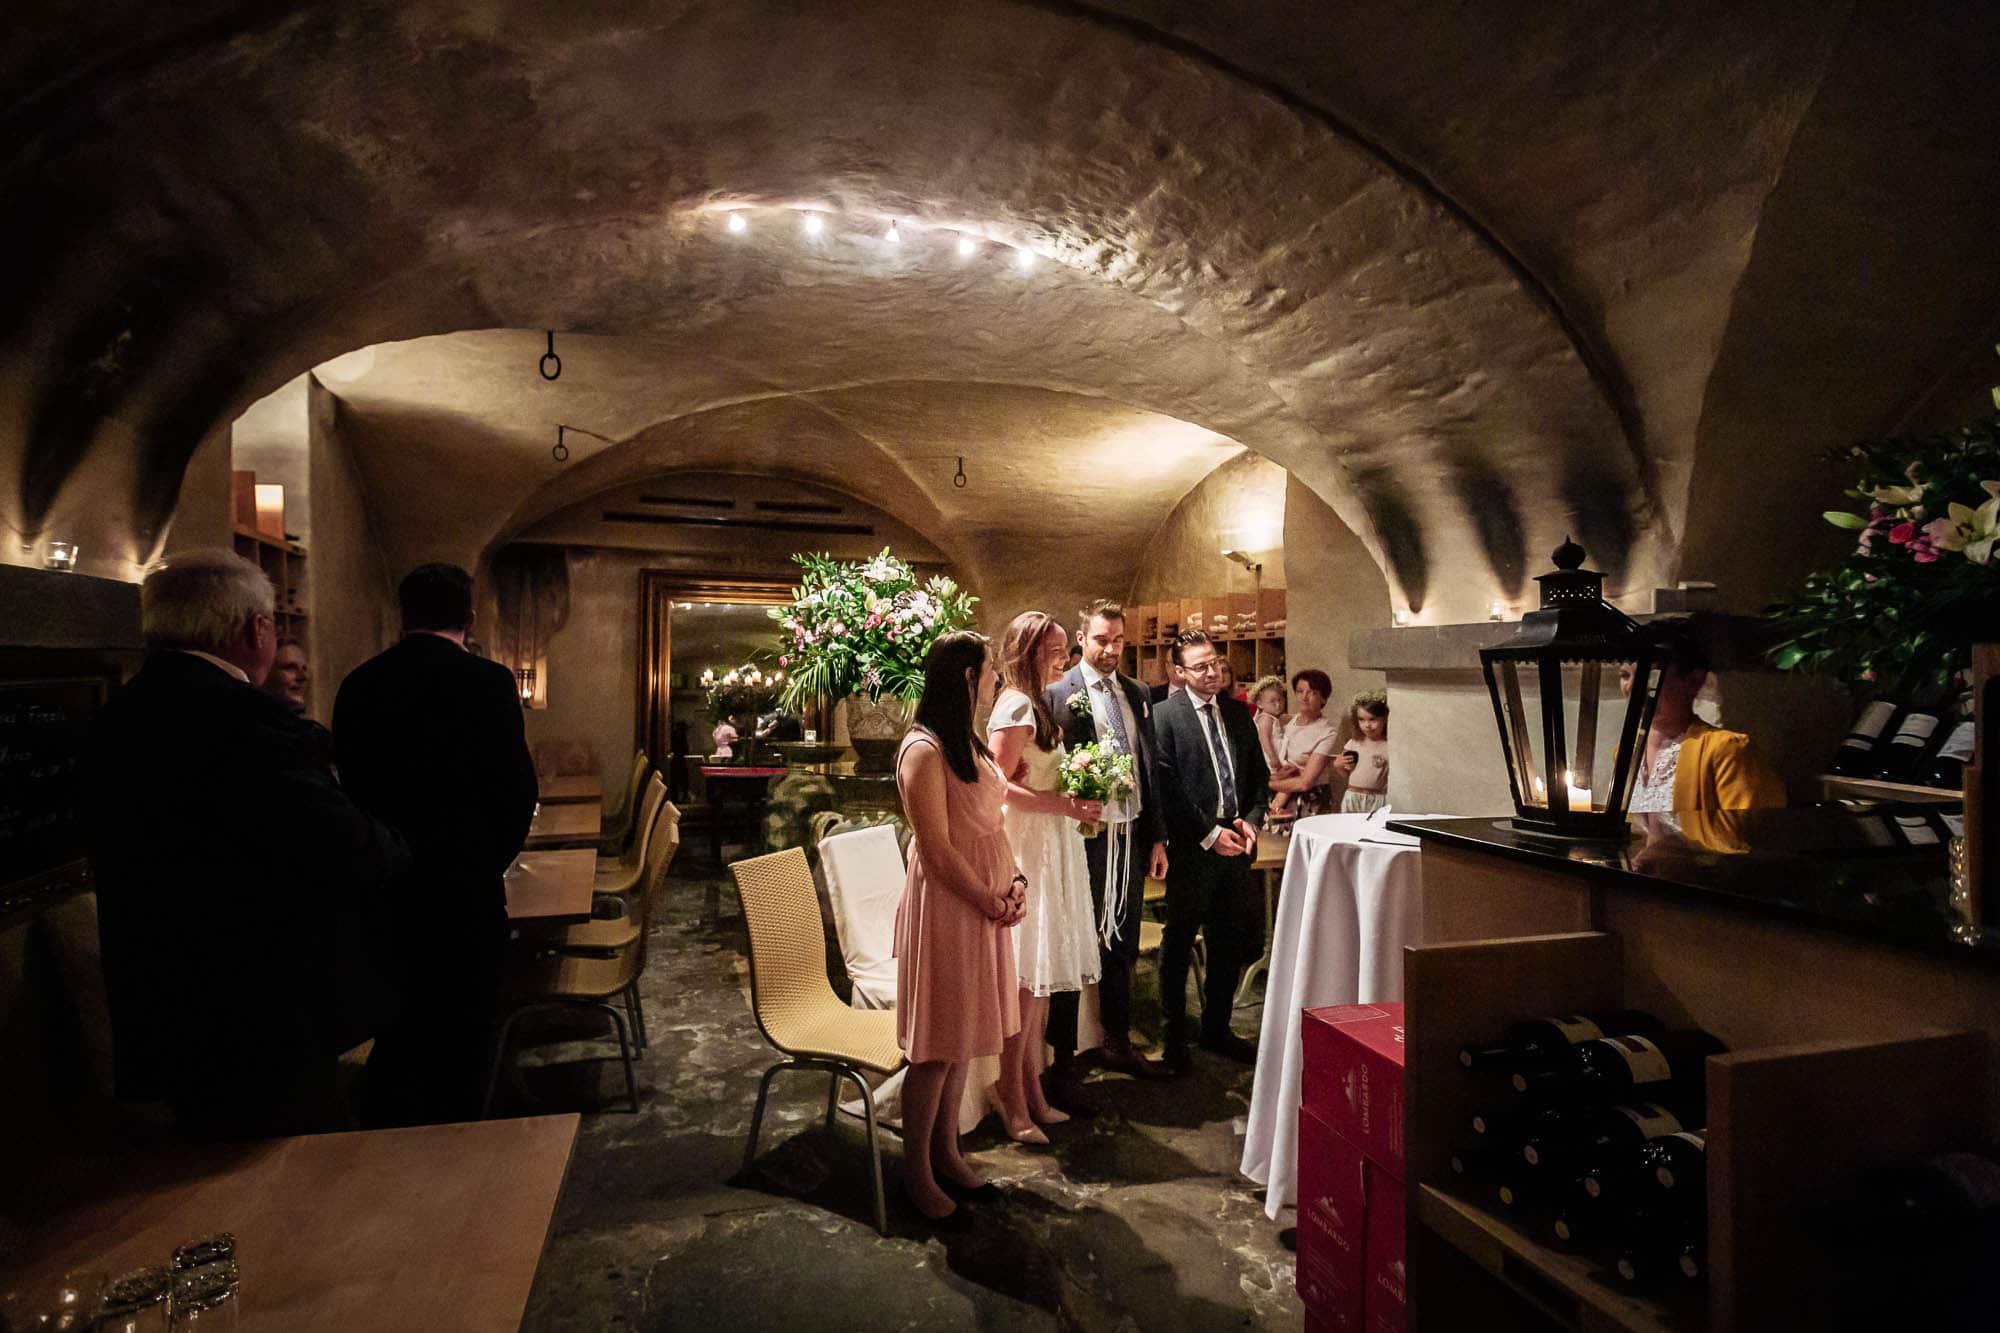 Hochzeitszeremonie in der Weinschenke Zürich. Hochzeitsfotograf Zürich